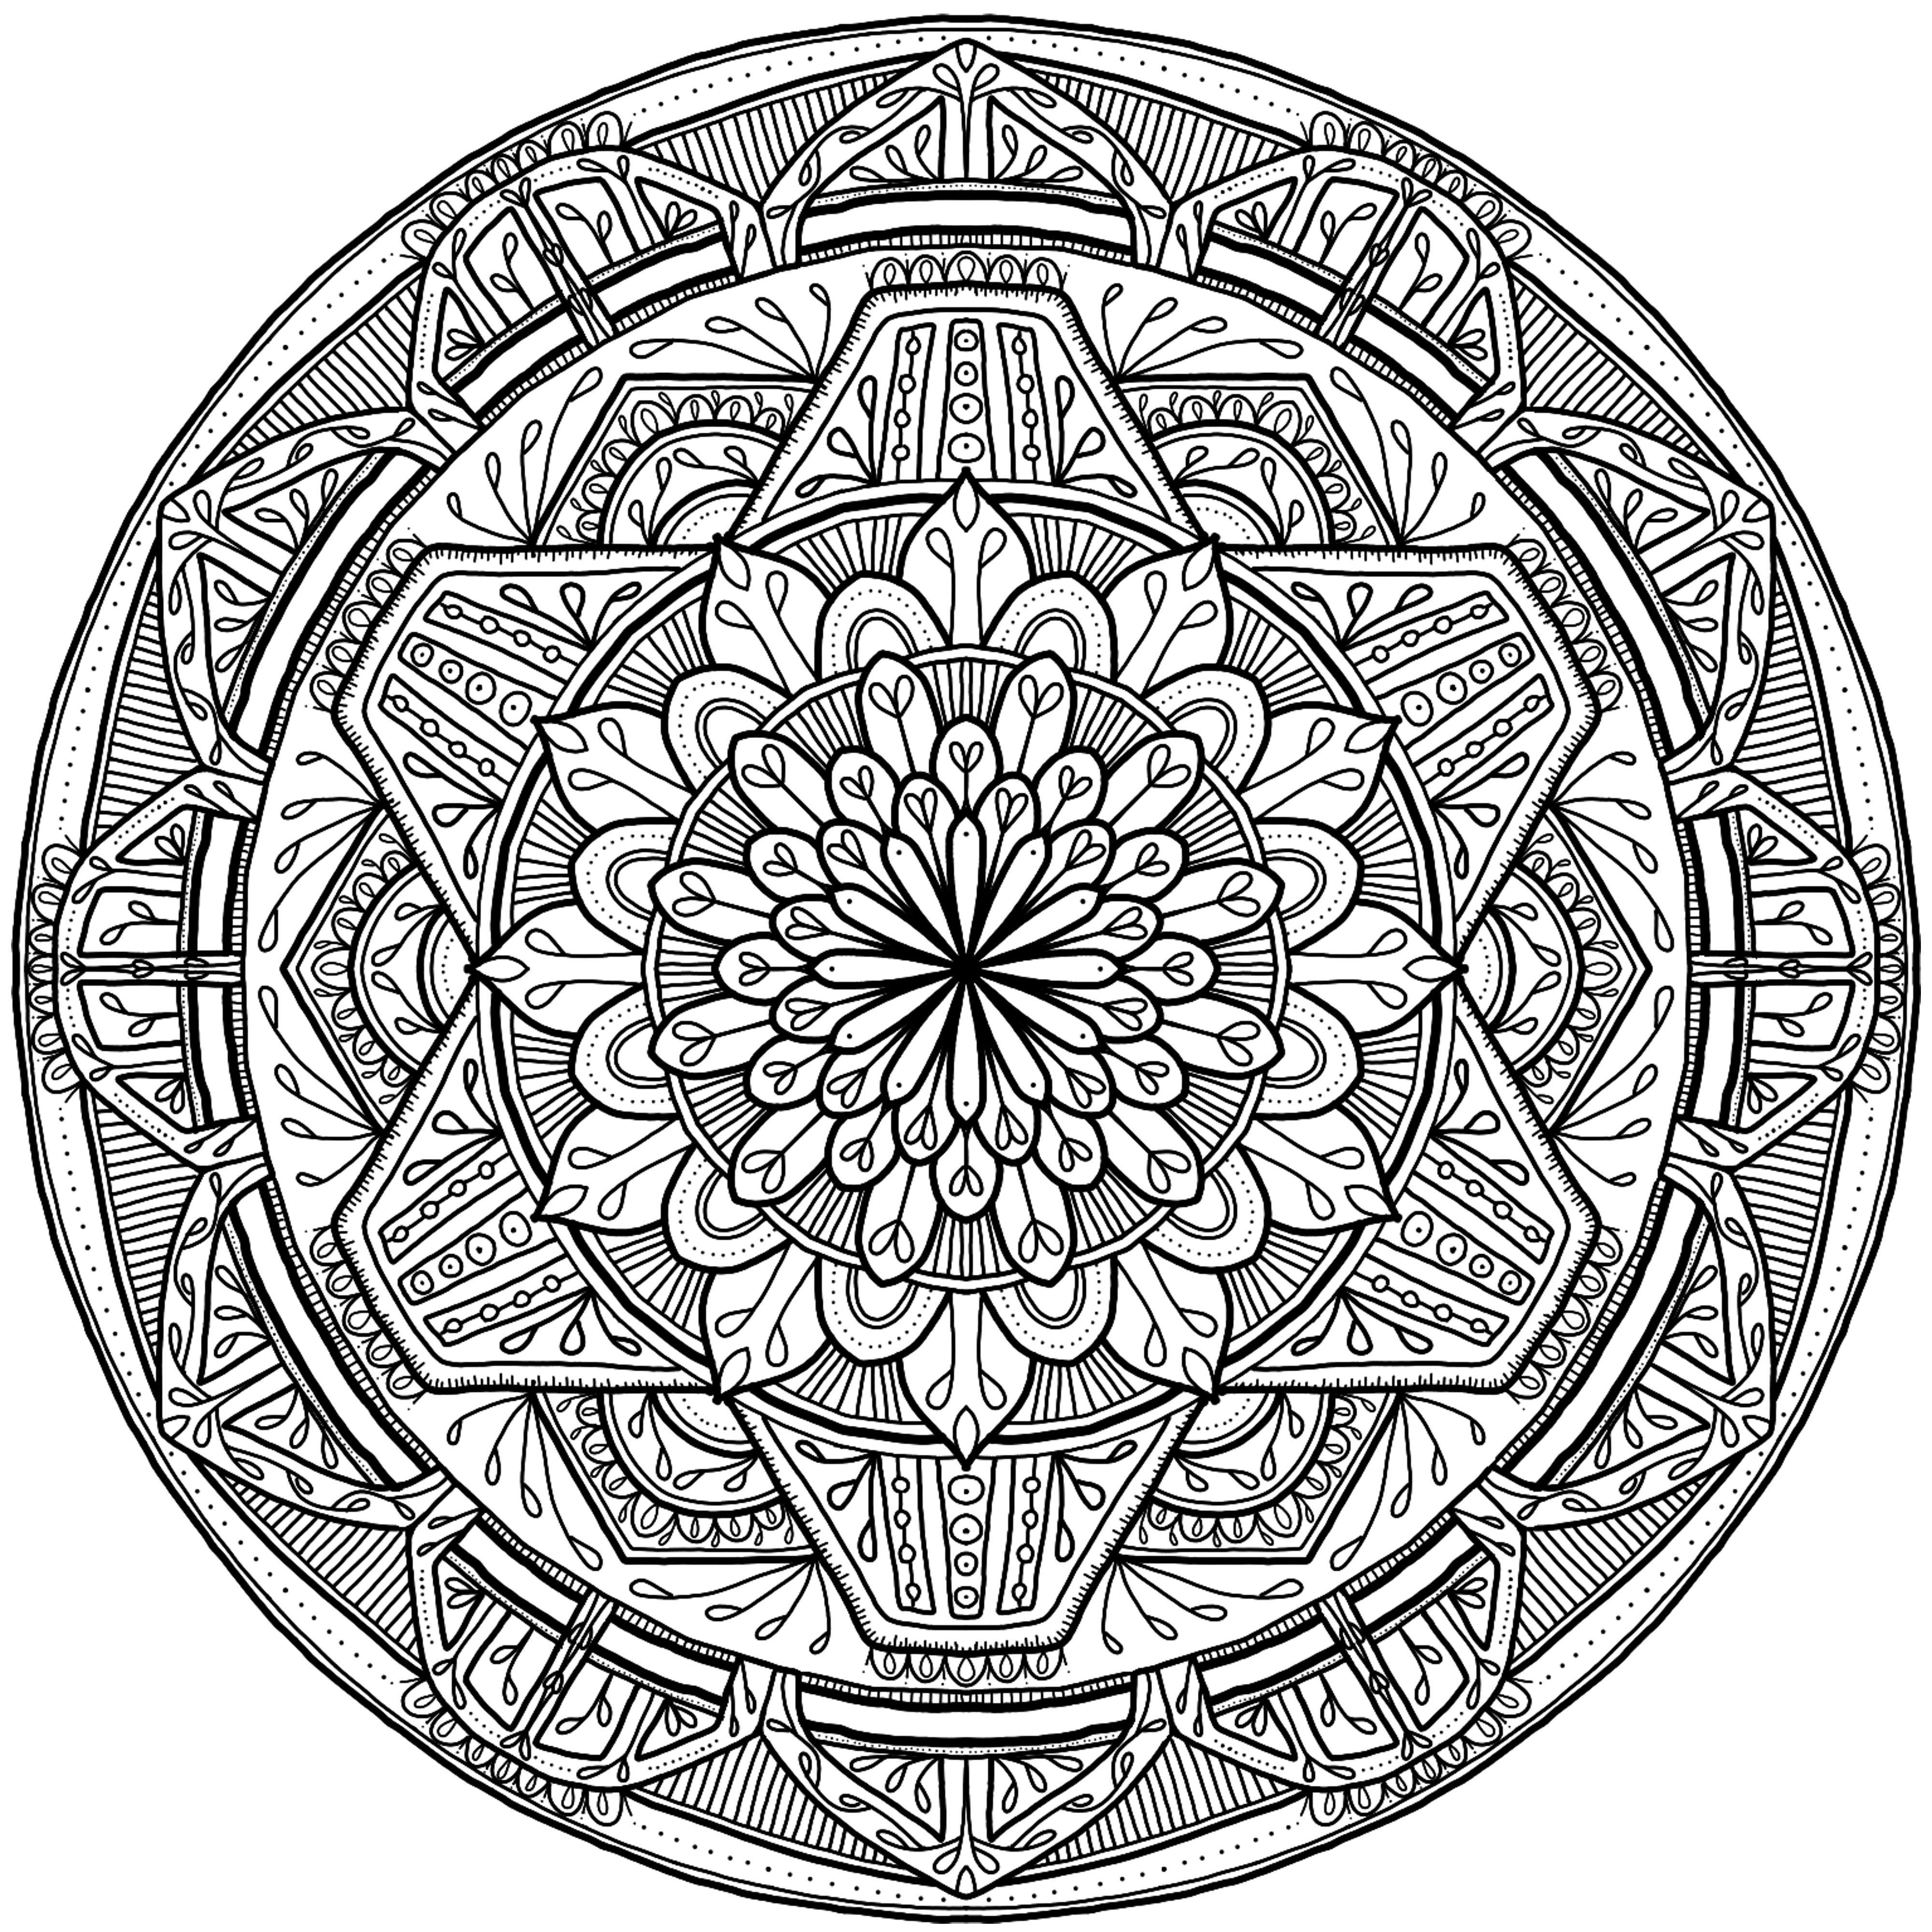 Krita Circles Mandala 7 By Welshpixie On Deviantart Mandala Circles Coloring Pages